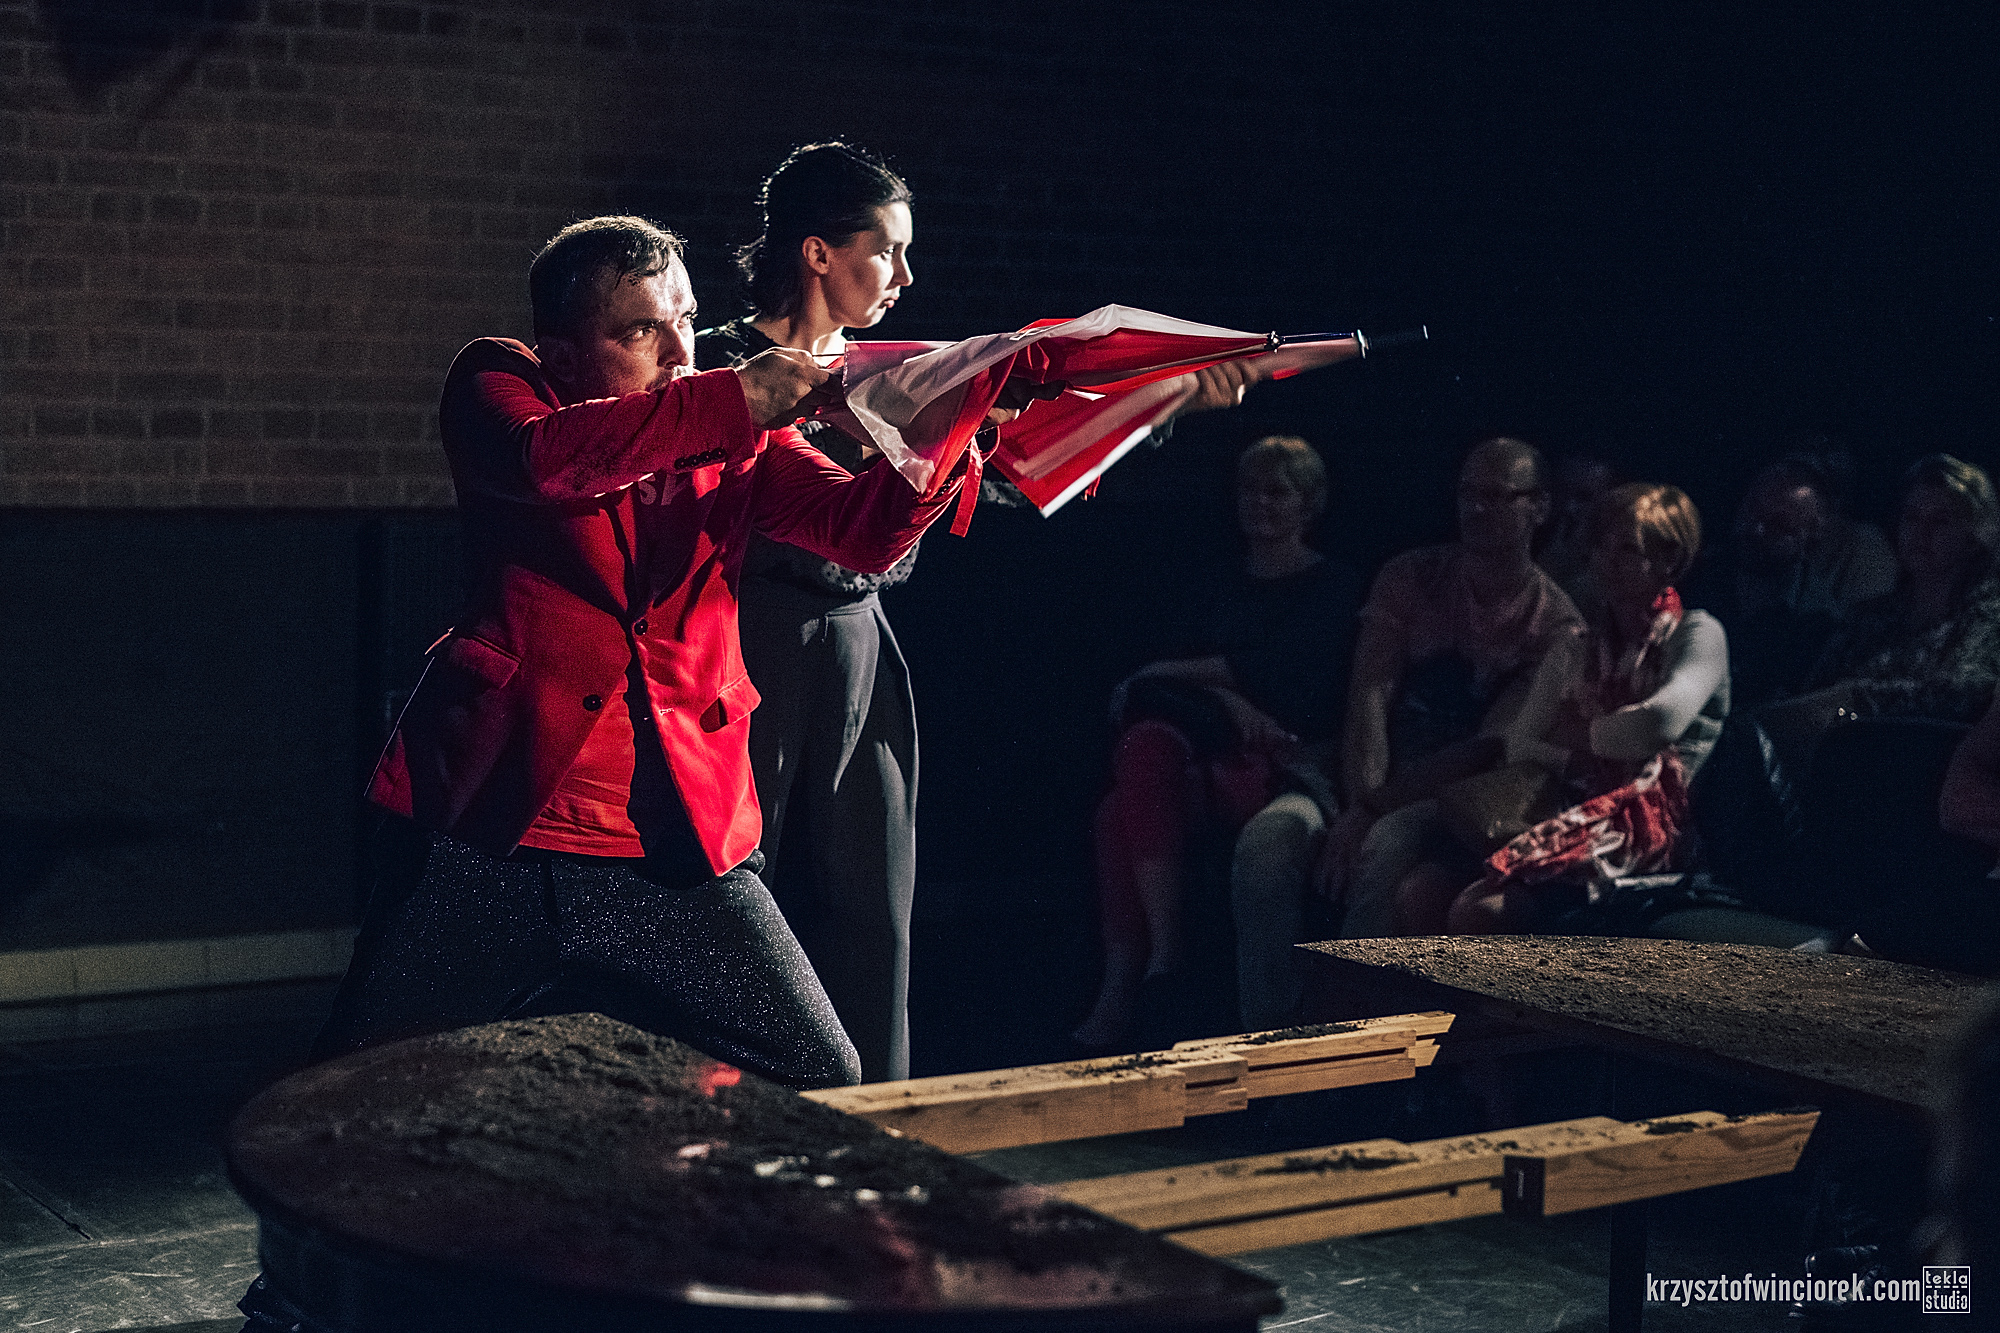 Zdjęcie z festiwalu Pociąg do miasta. Aktor i aktorka mierzą do widzów z czerwono białych parasolek imitujących karabiny.